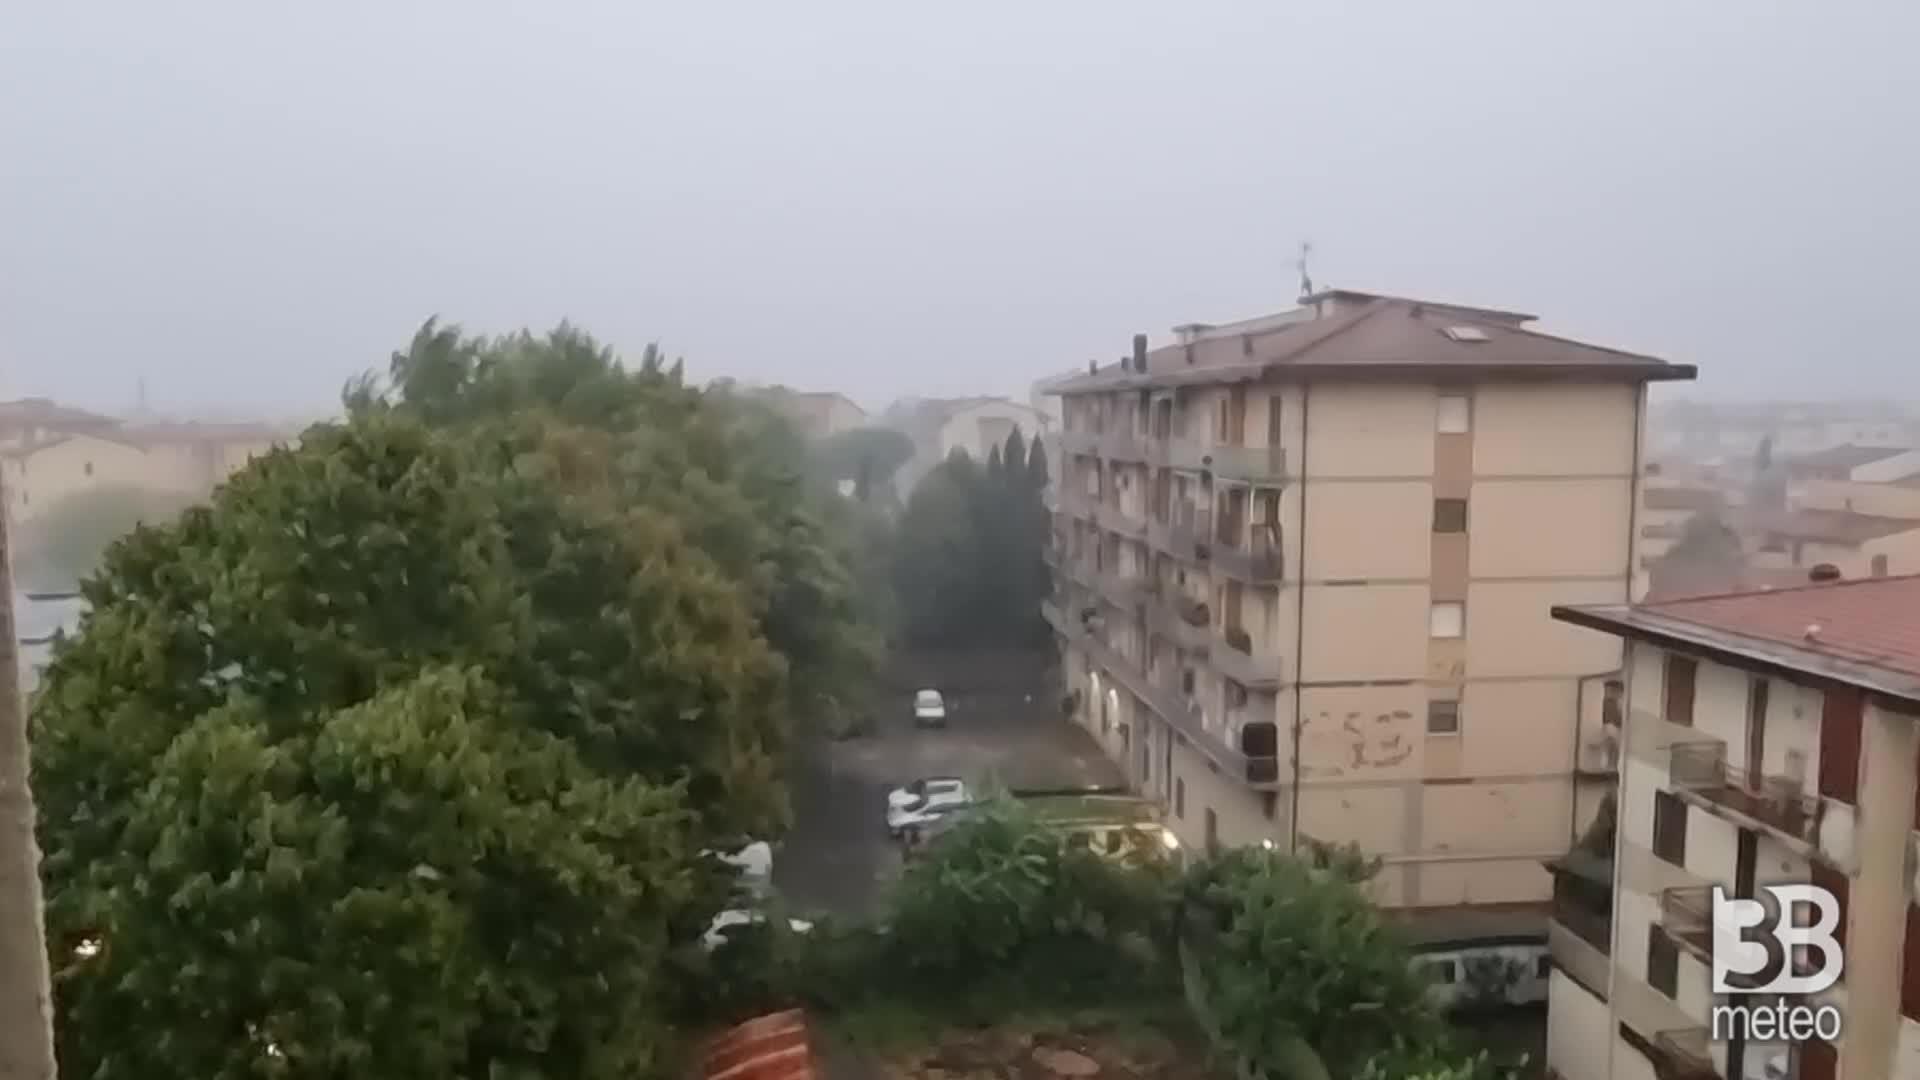 Forte rovescio nella zona di Firenze